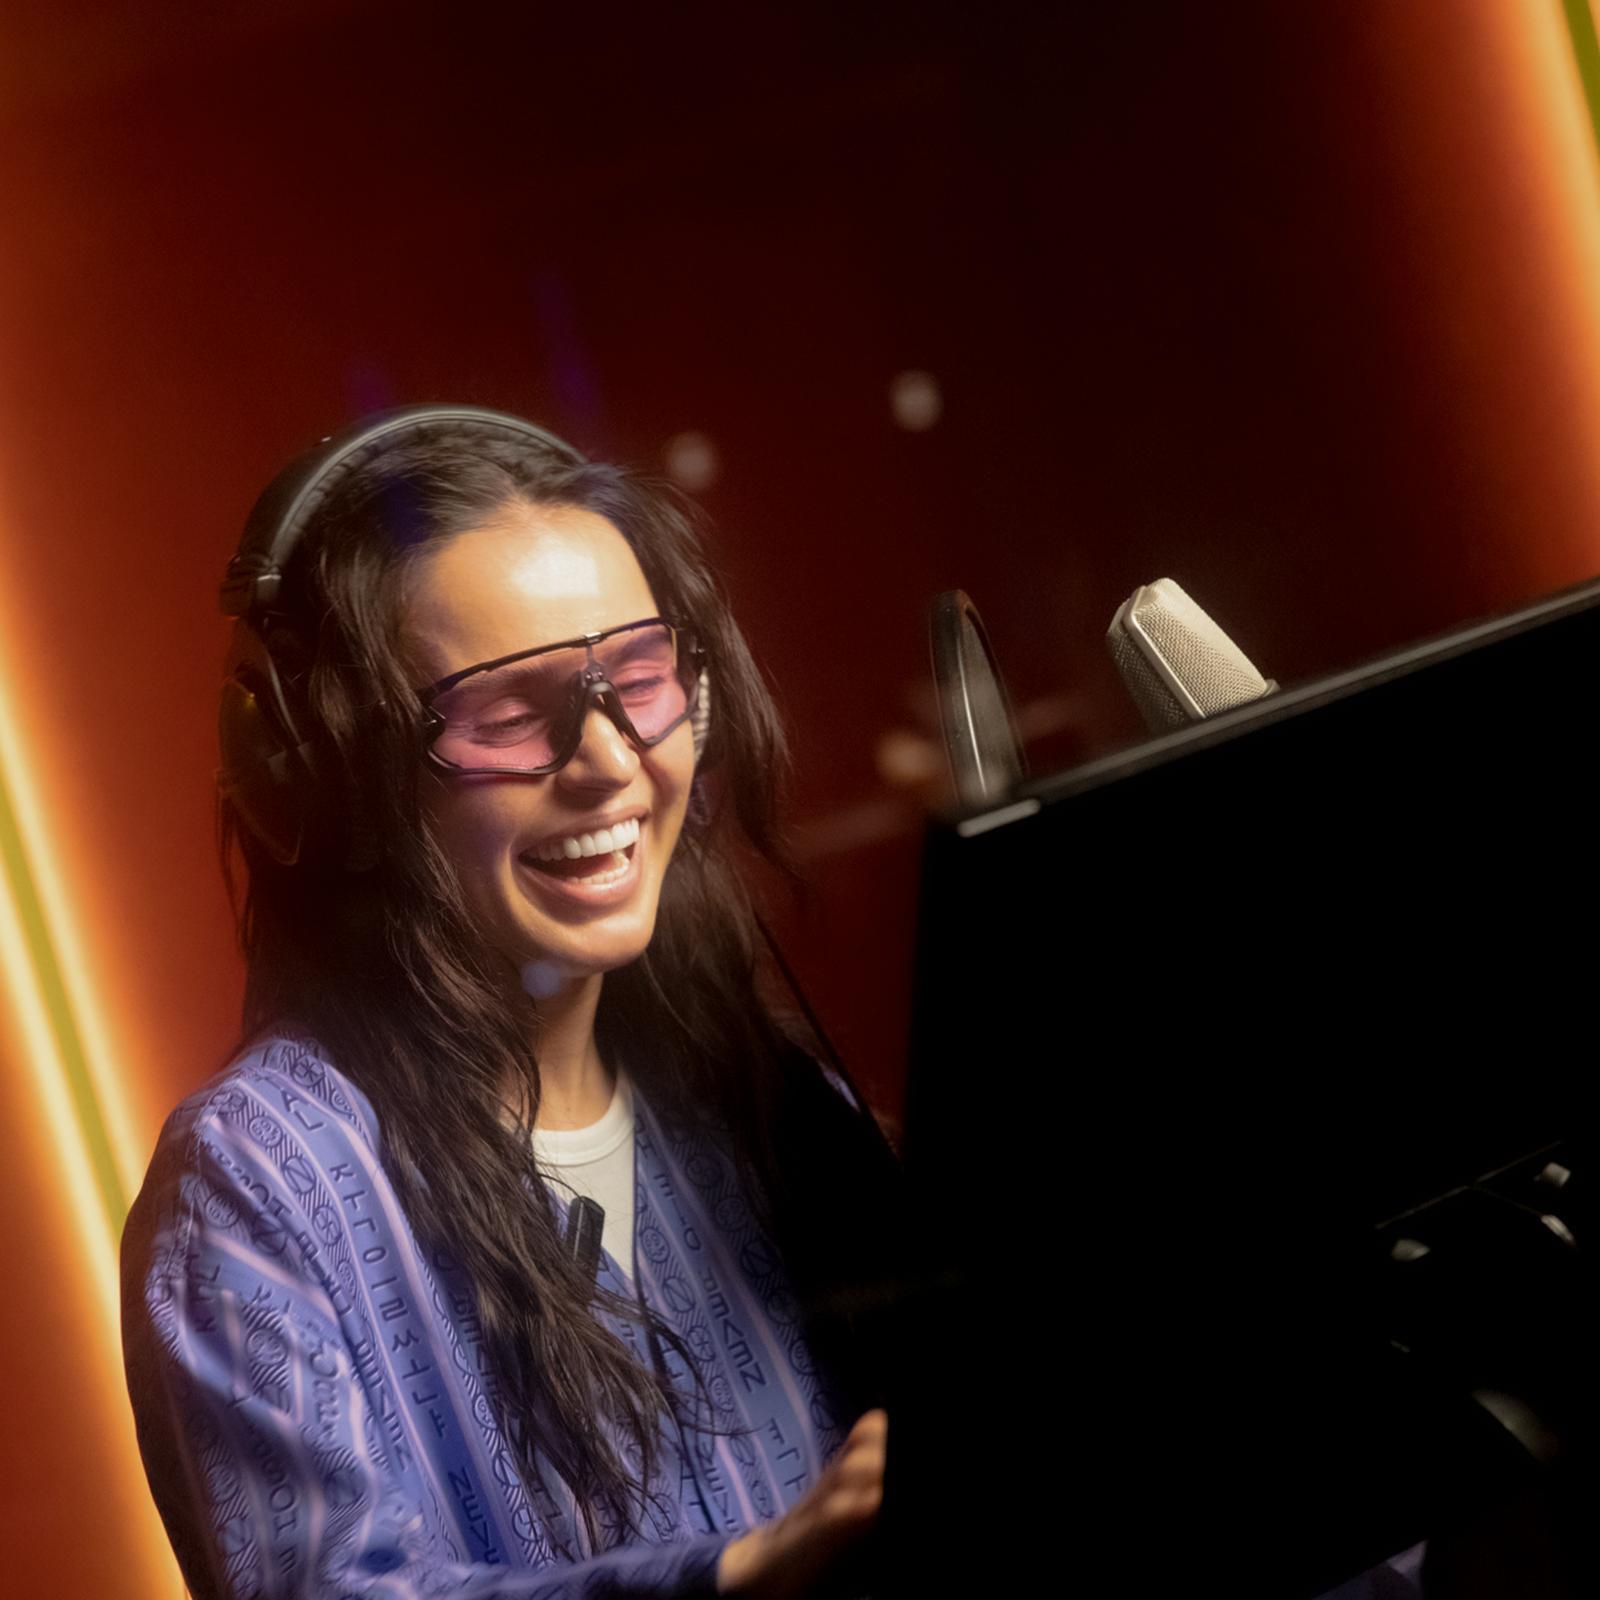 «Каждому по факту рядом нужен человек»: певица Zivert стала новым голосом Яндекс.Карт